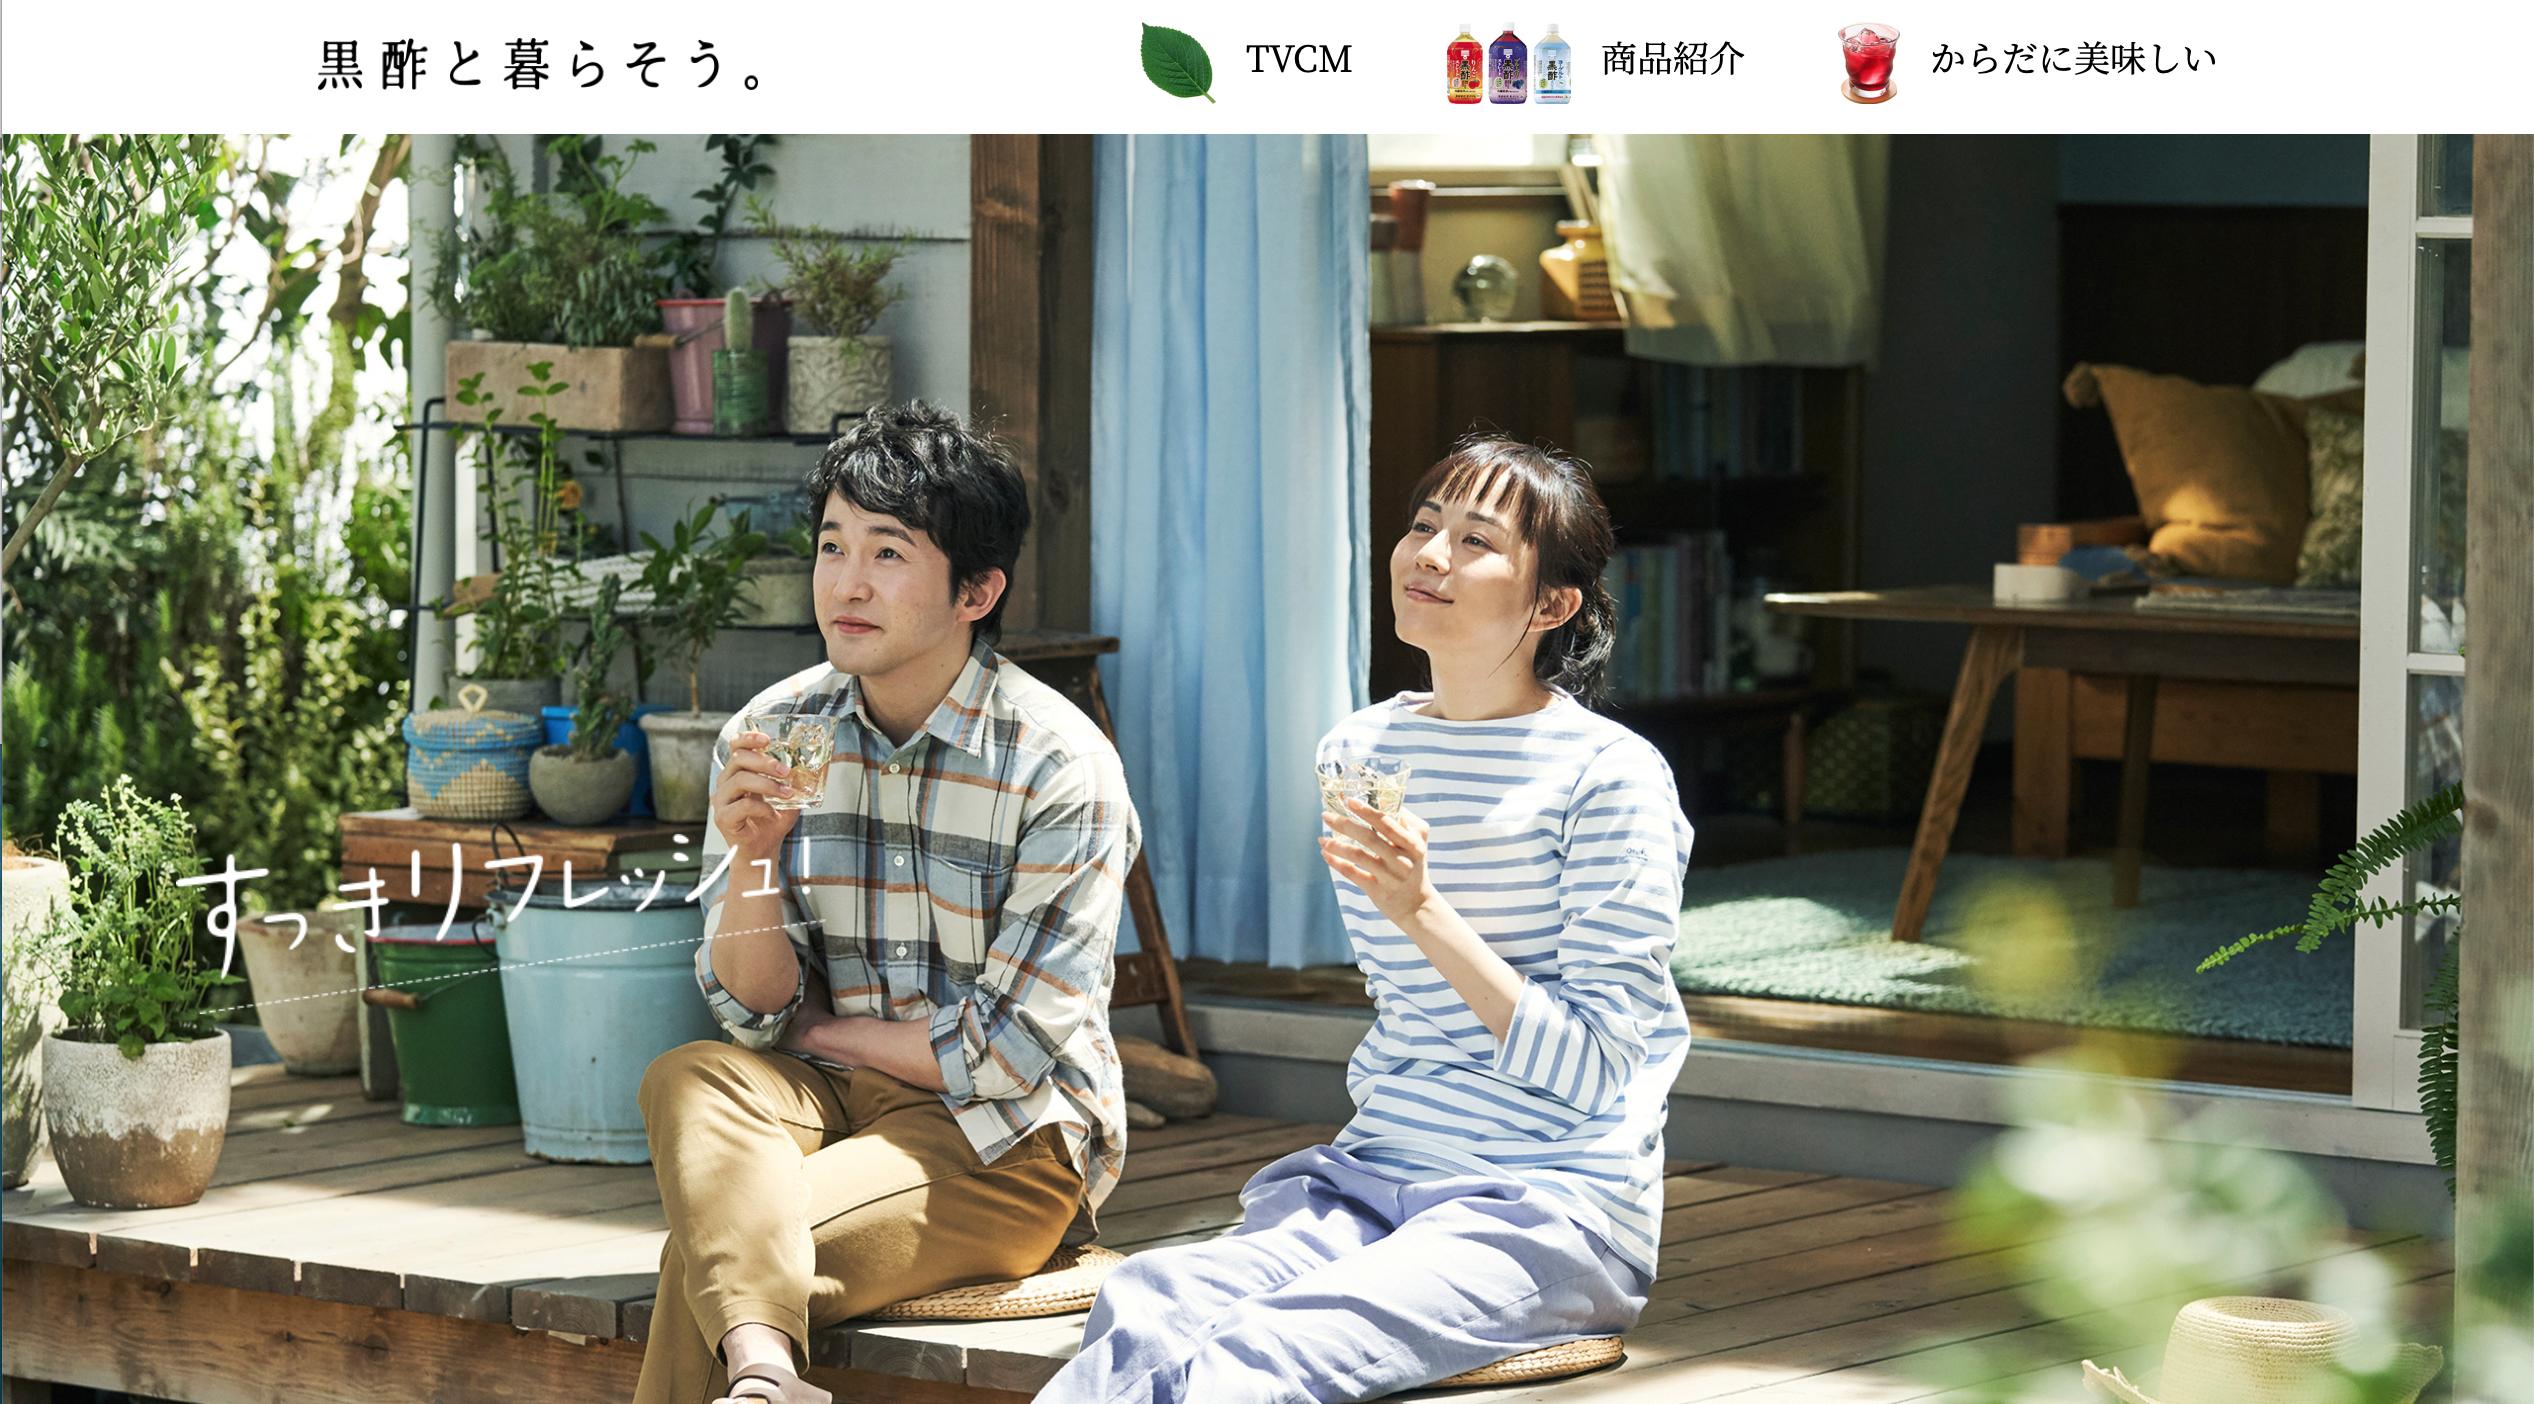 ミツカン TVCM 浅利陽介さん